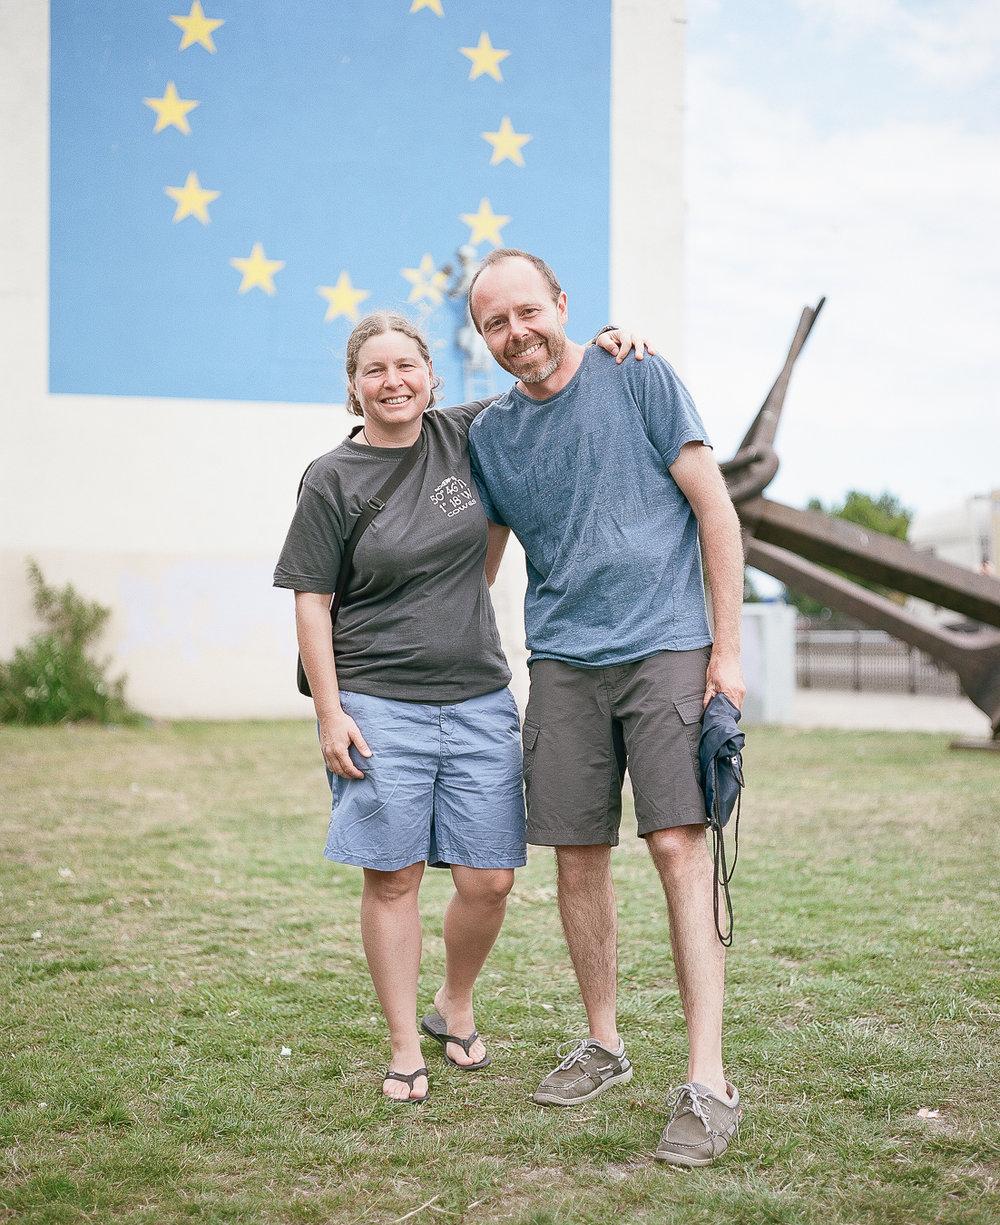 Visitors to Banksy' Brexit Mural in Dover